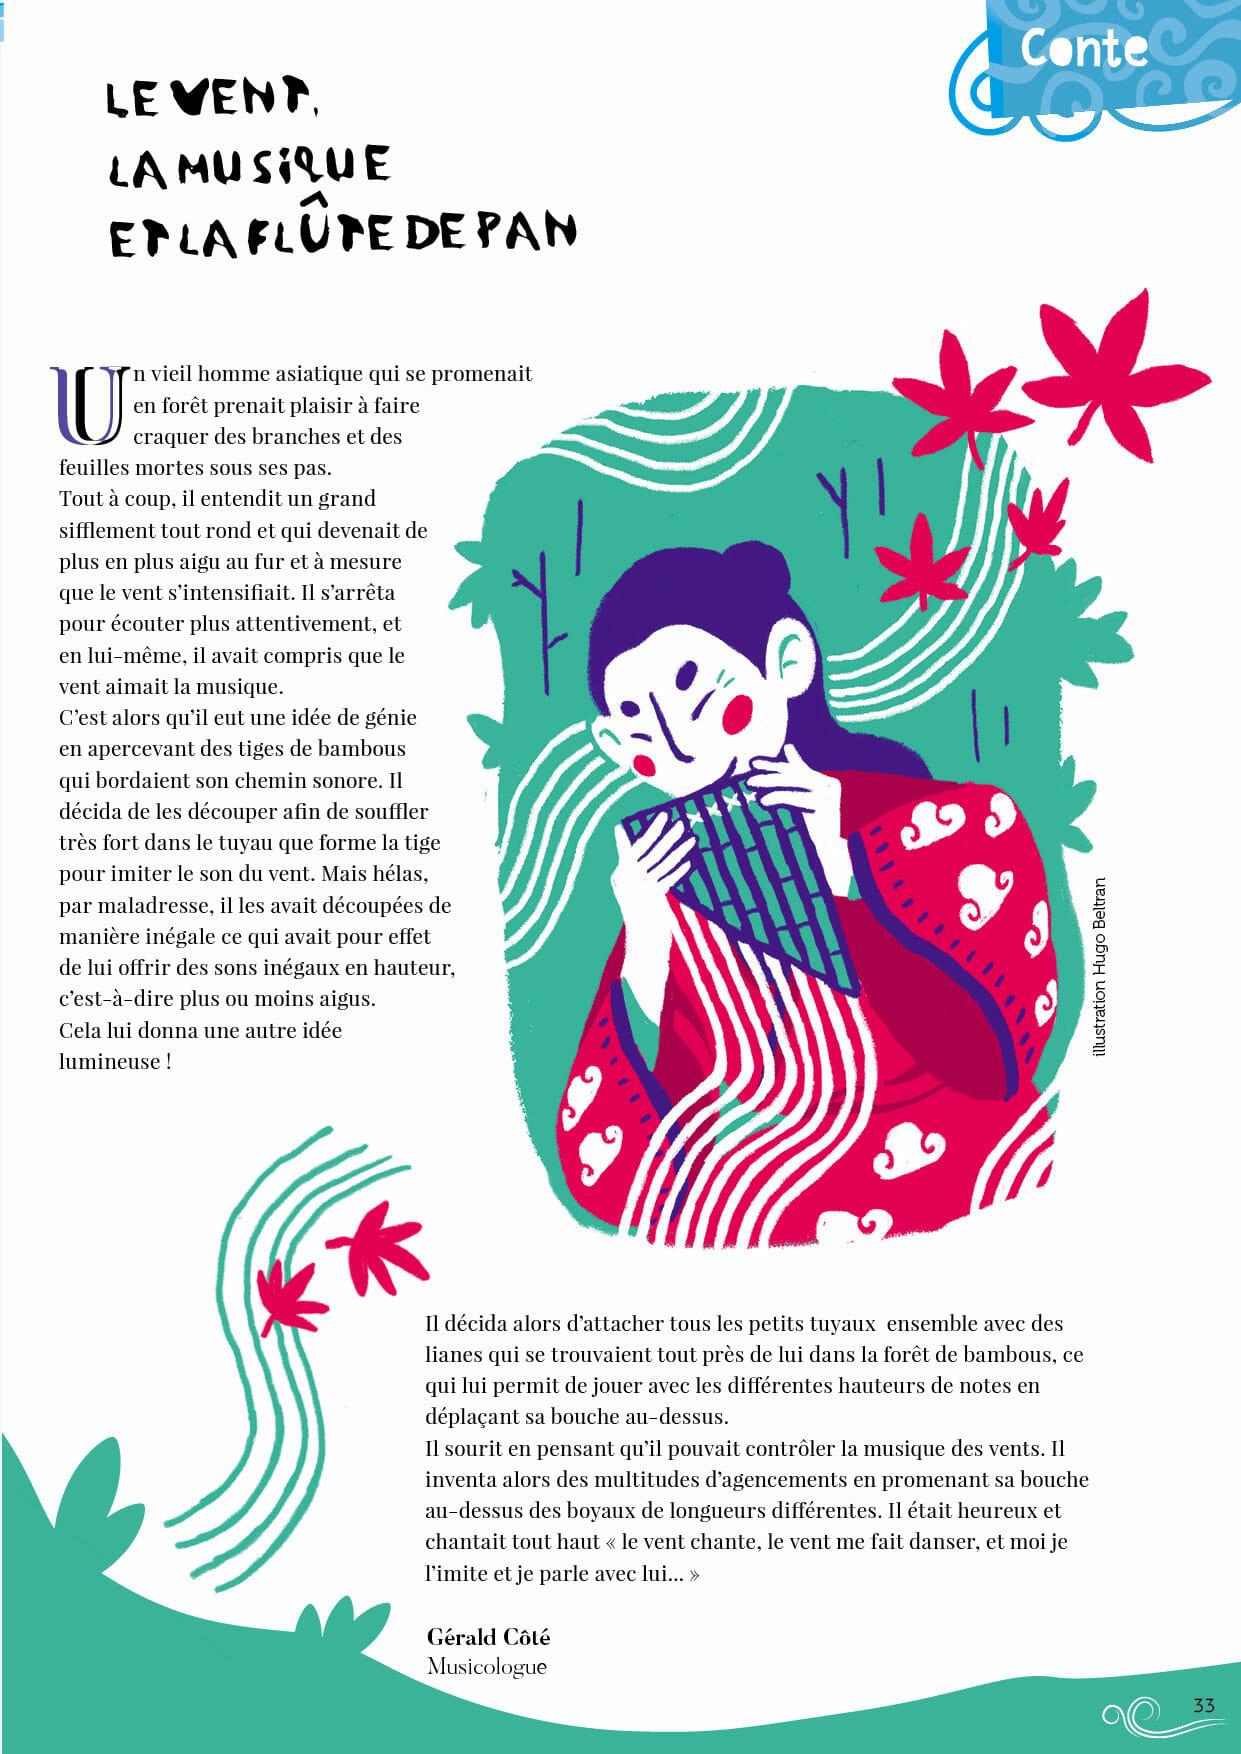 LES PRÉCÉDENTES ÉDITIONS Plum magazine 3